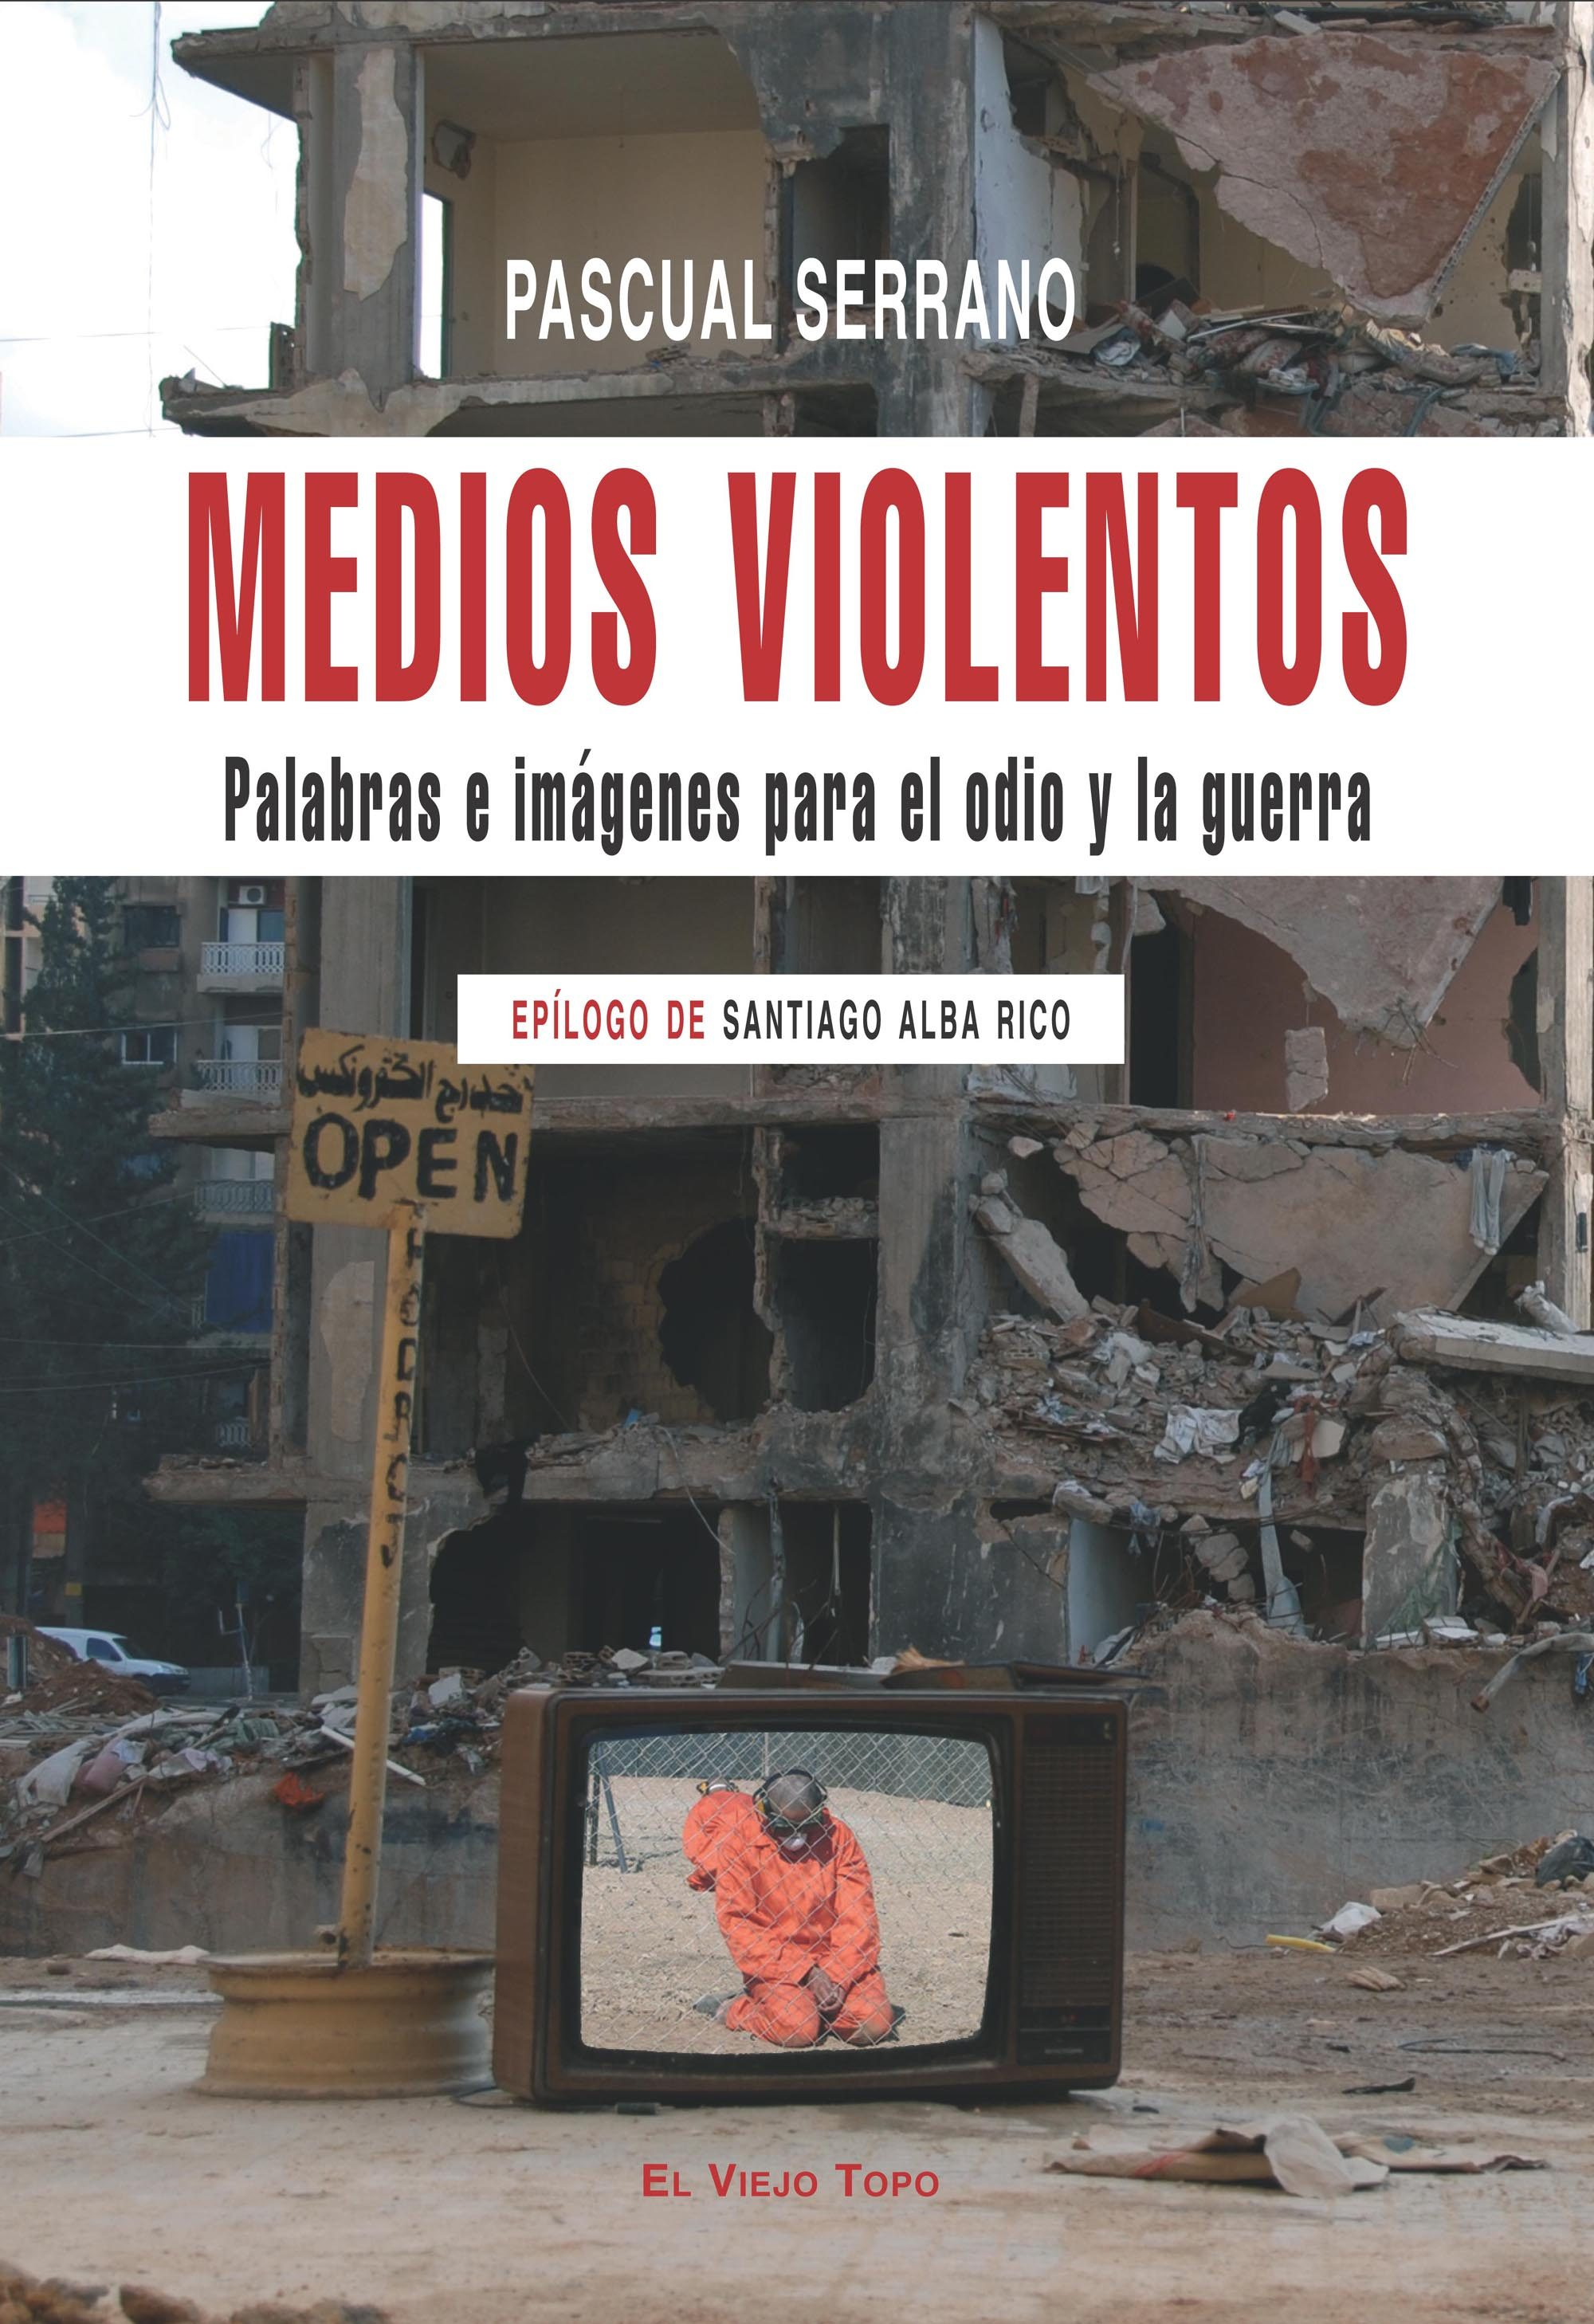 medios violentos: palabras e imagenes para el odio y la guerra (e l viejo topo)-pascual serrano-9788496831674